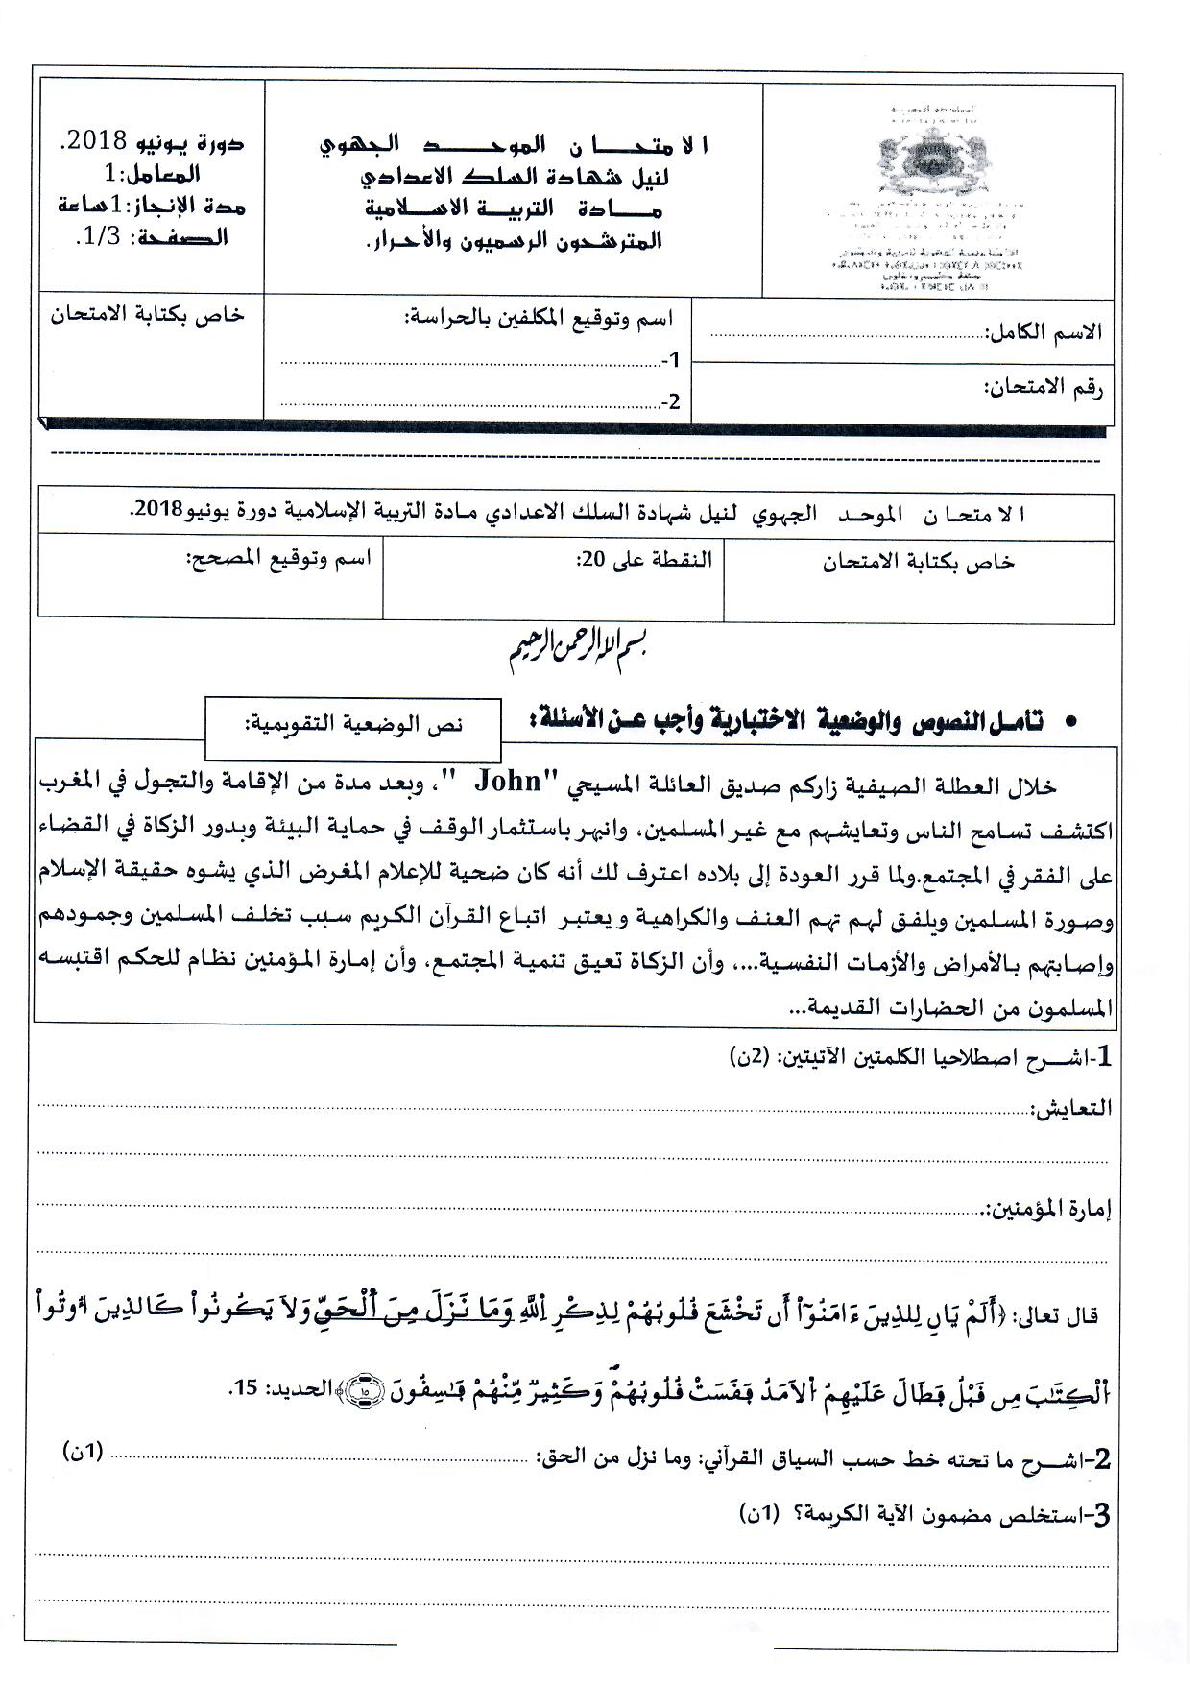 الإمتحان الجهوي في التربية الإسلامية 2018 جهة درعة تافيلالت